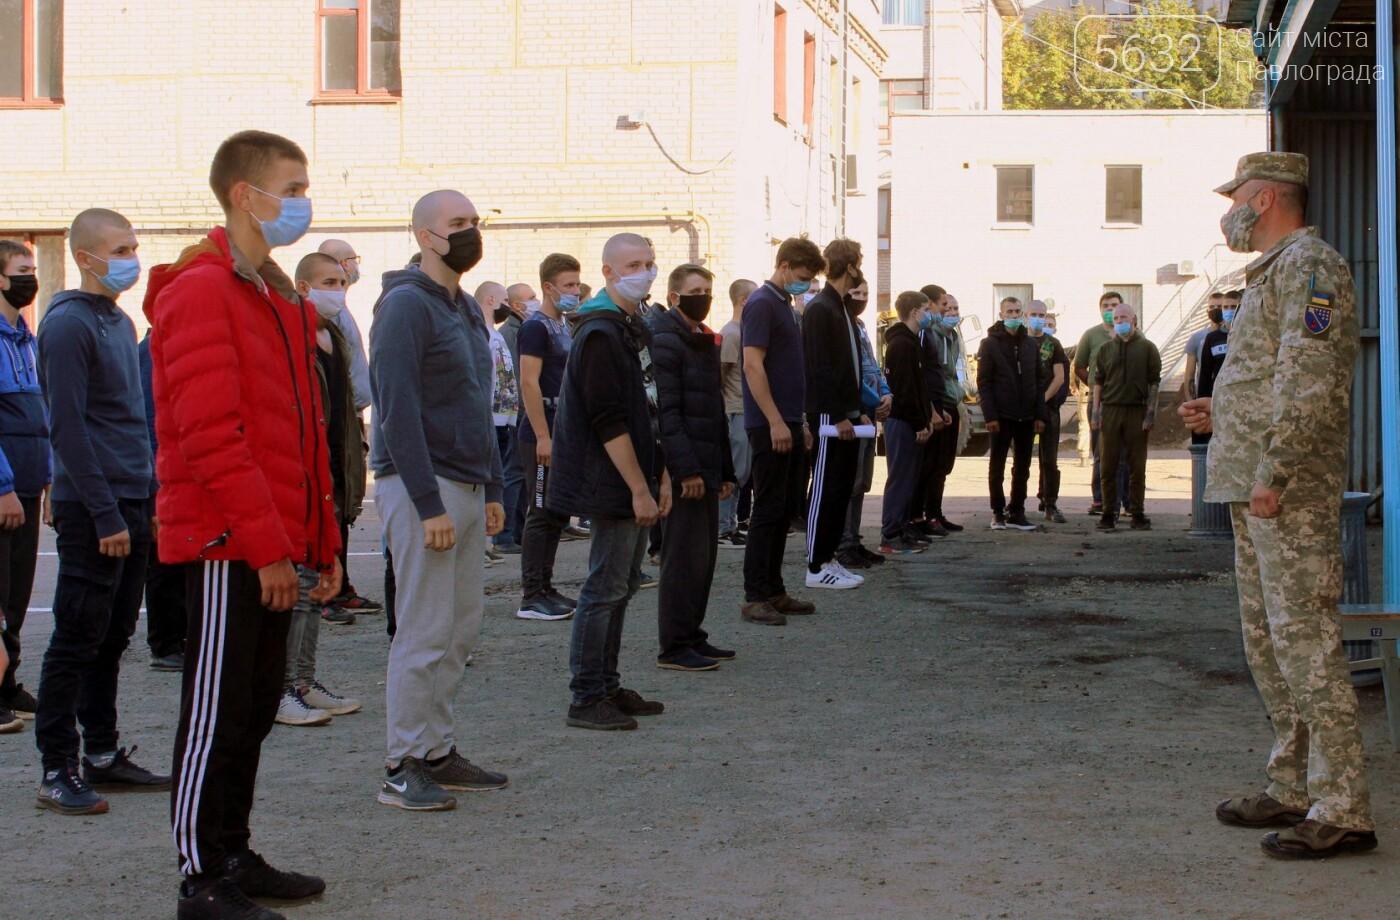 Этой осенью на Днепропетровщине отправят на срочную службу 1265 призывников, фото-1